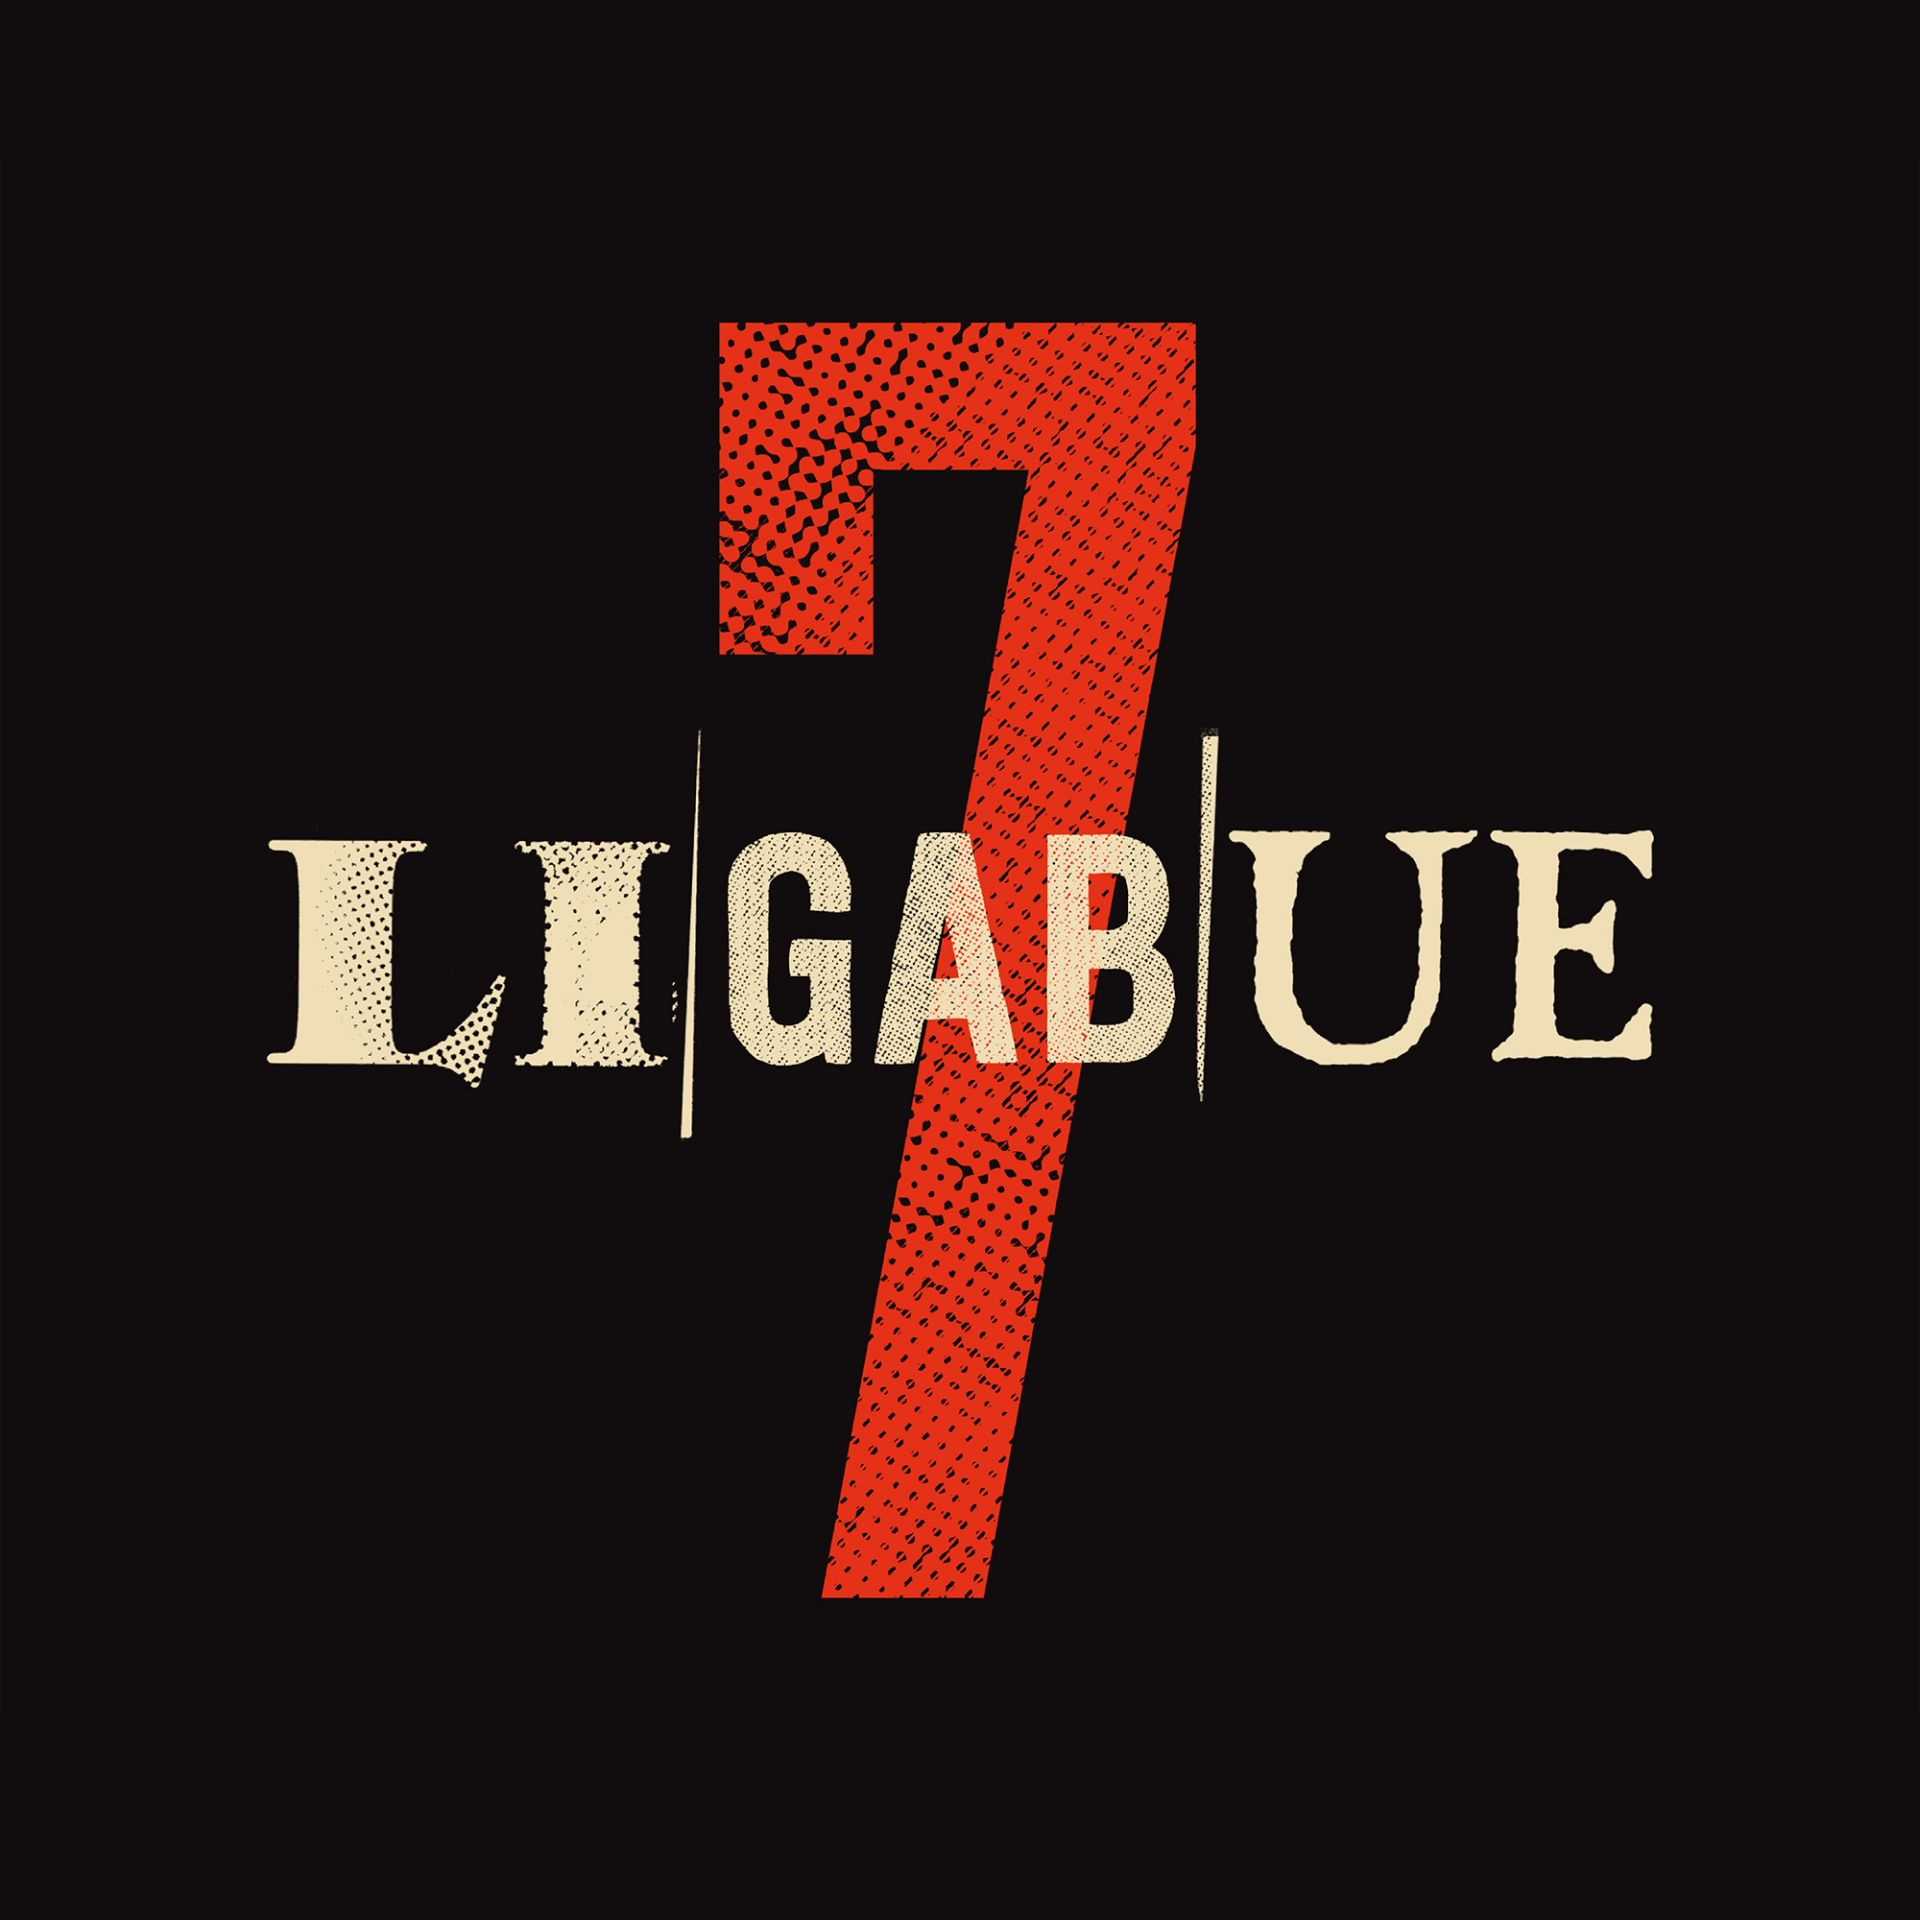 """Musica, il 4 dicembre esce il nuovo album di Ligabue, """"7"""" e la raccolta """"77+7"""""""